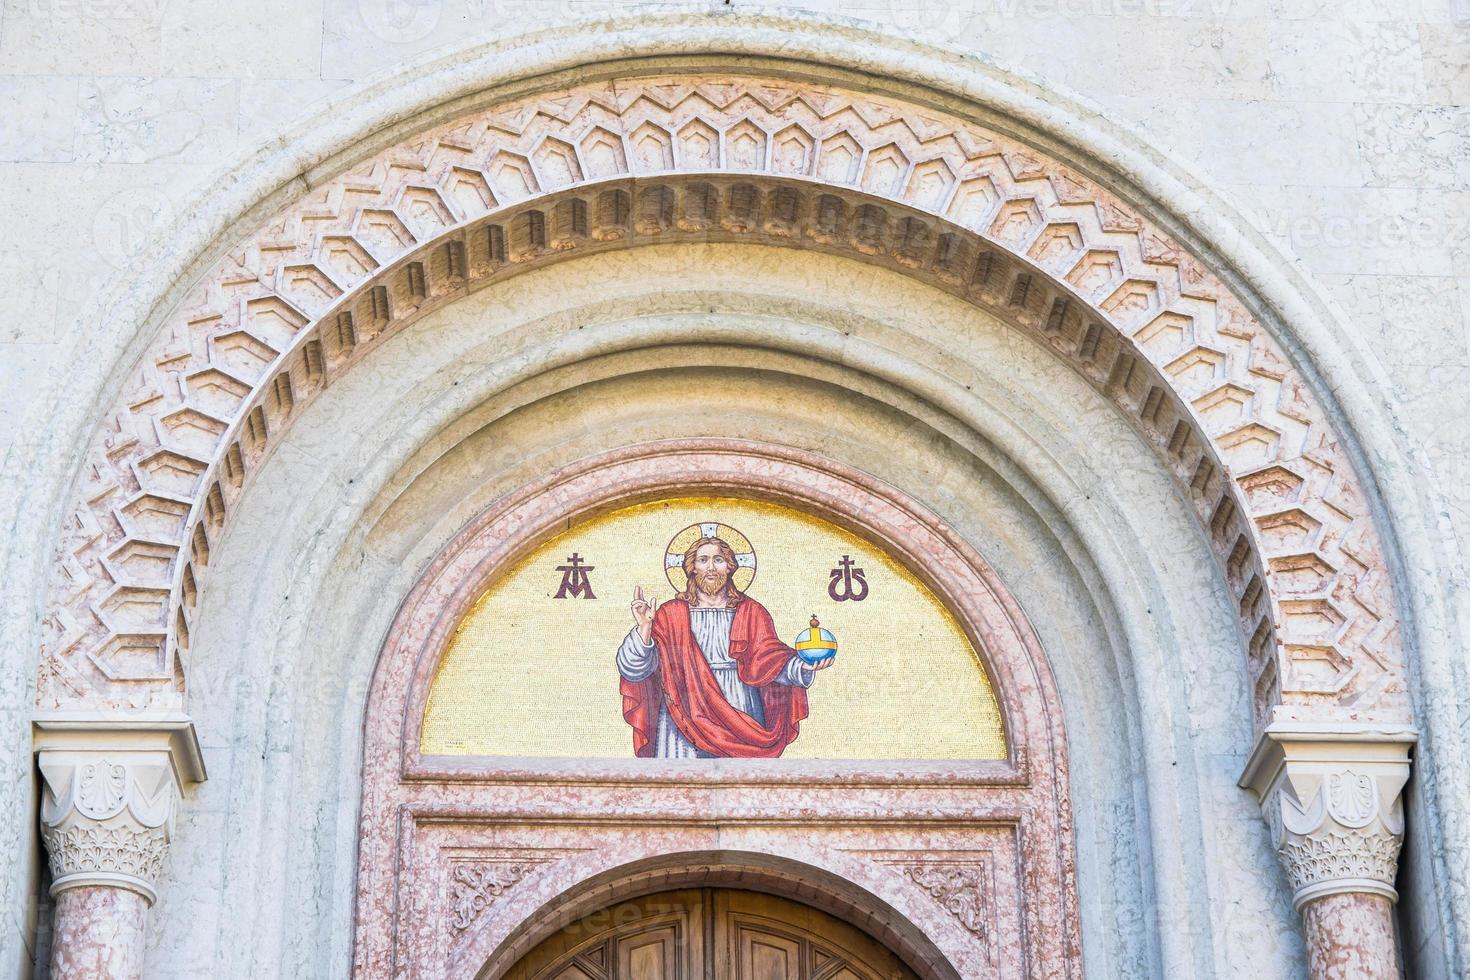 Gottes Bildmosaik über der Tür einer Kirche. foto